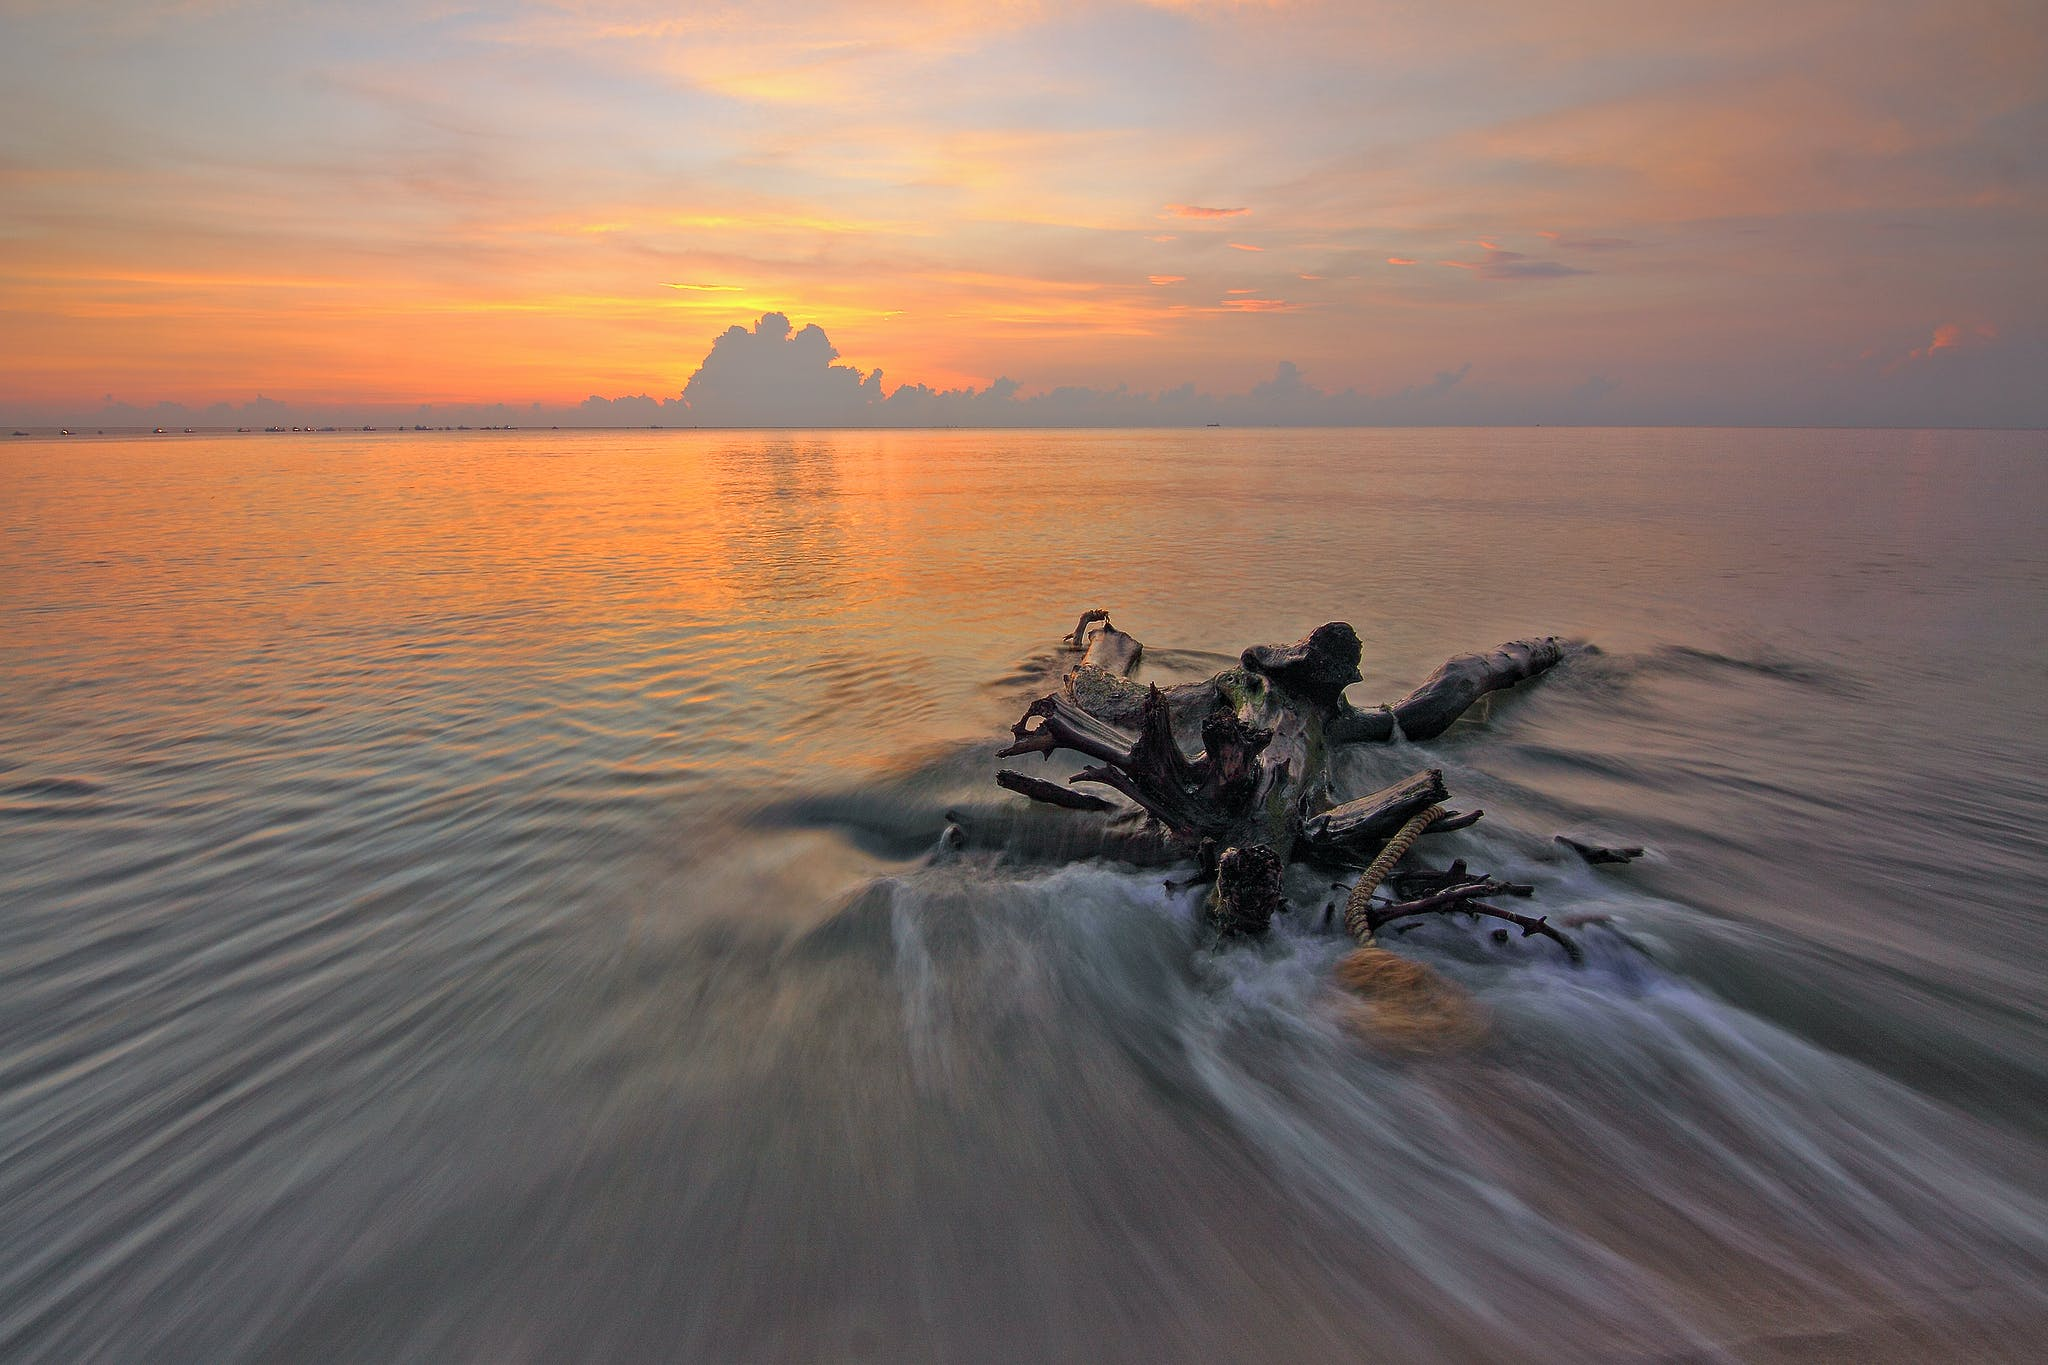 Kostenloses Stock Foto zu dämmerung, friedlich, friedvoll, himmel